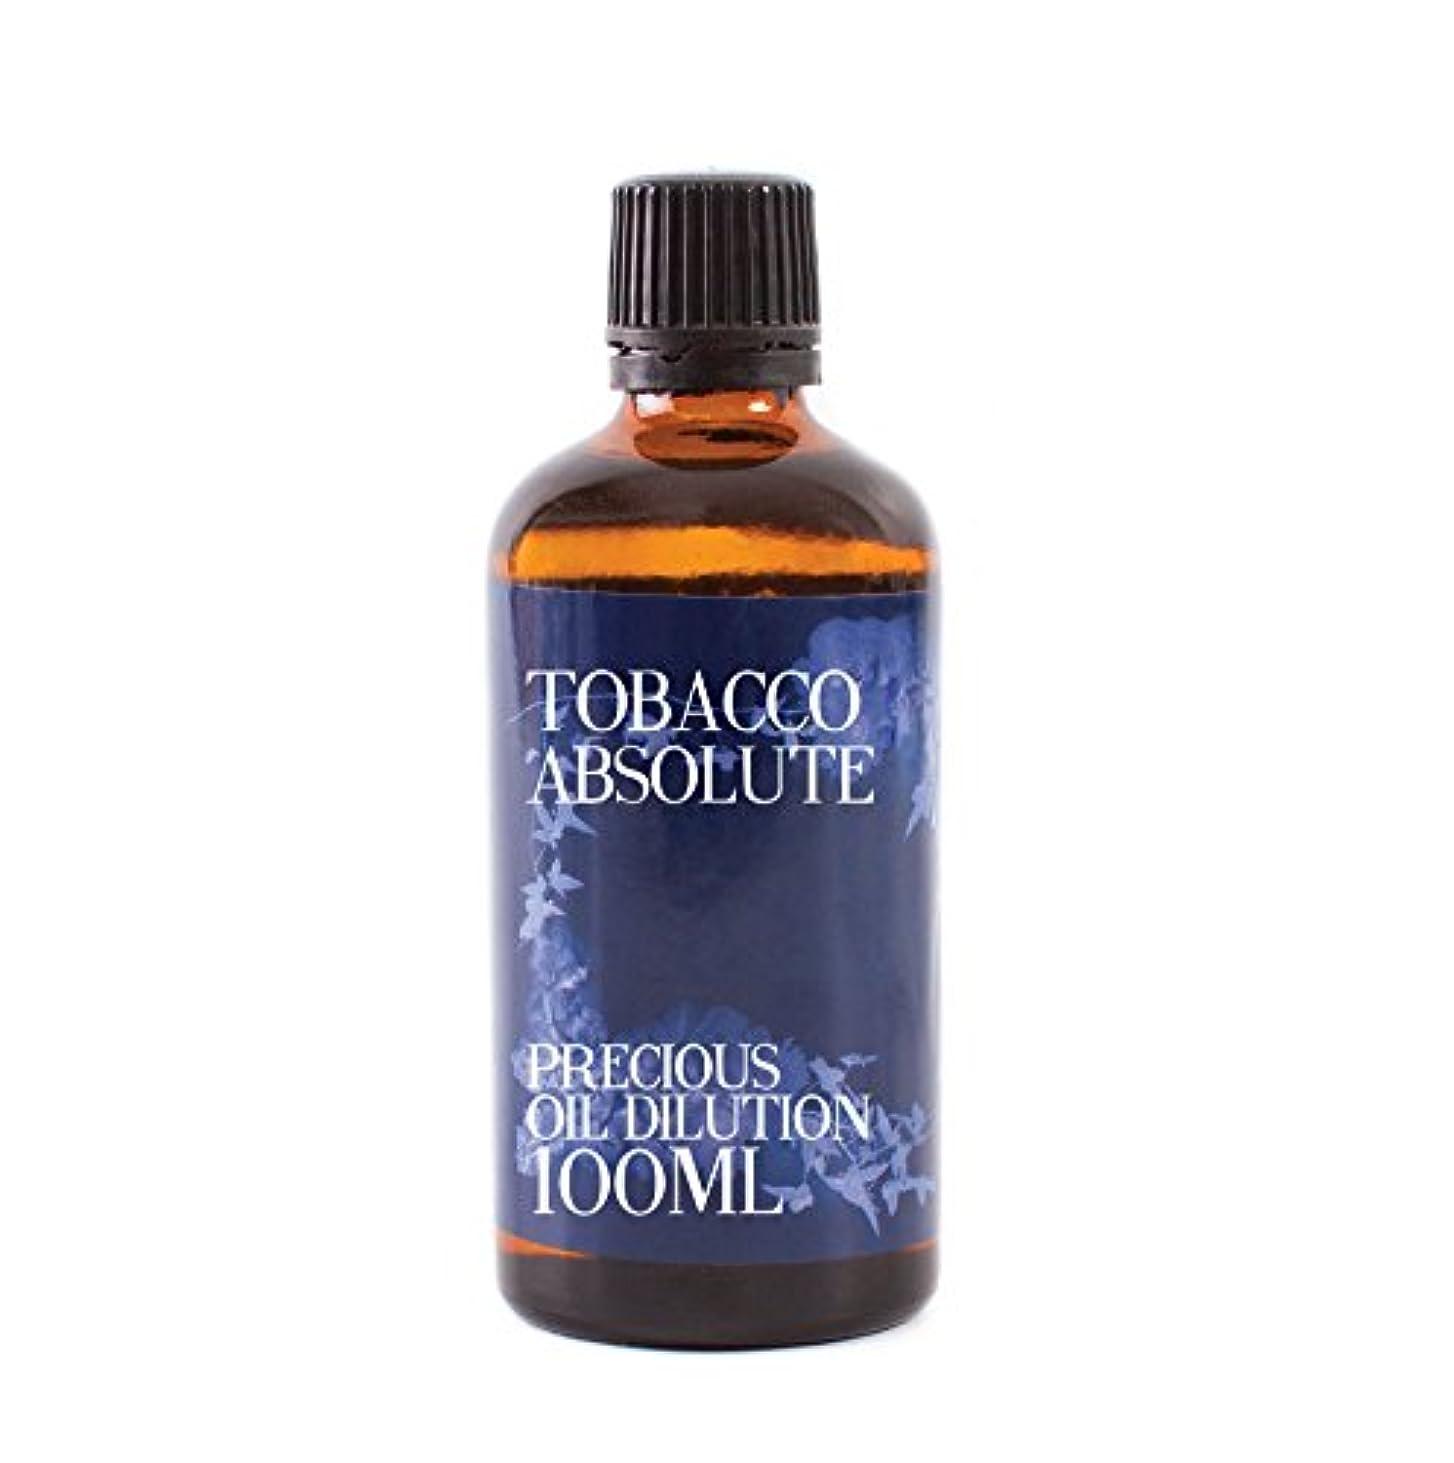 抜け目のないじゃない読むTobacco Absolute Oil Dilution - 100ml